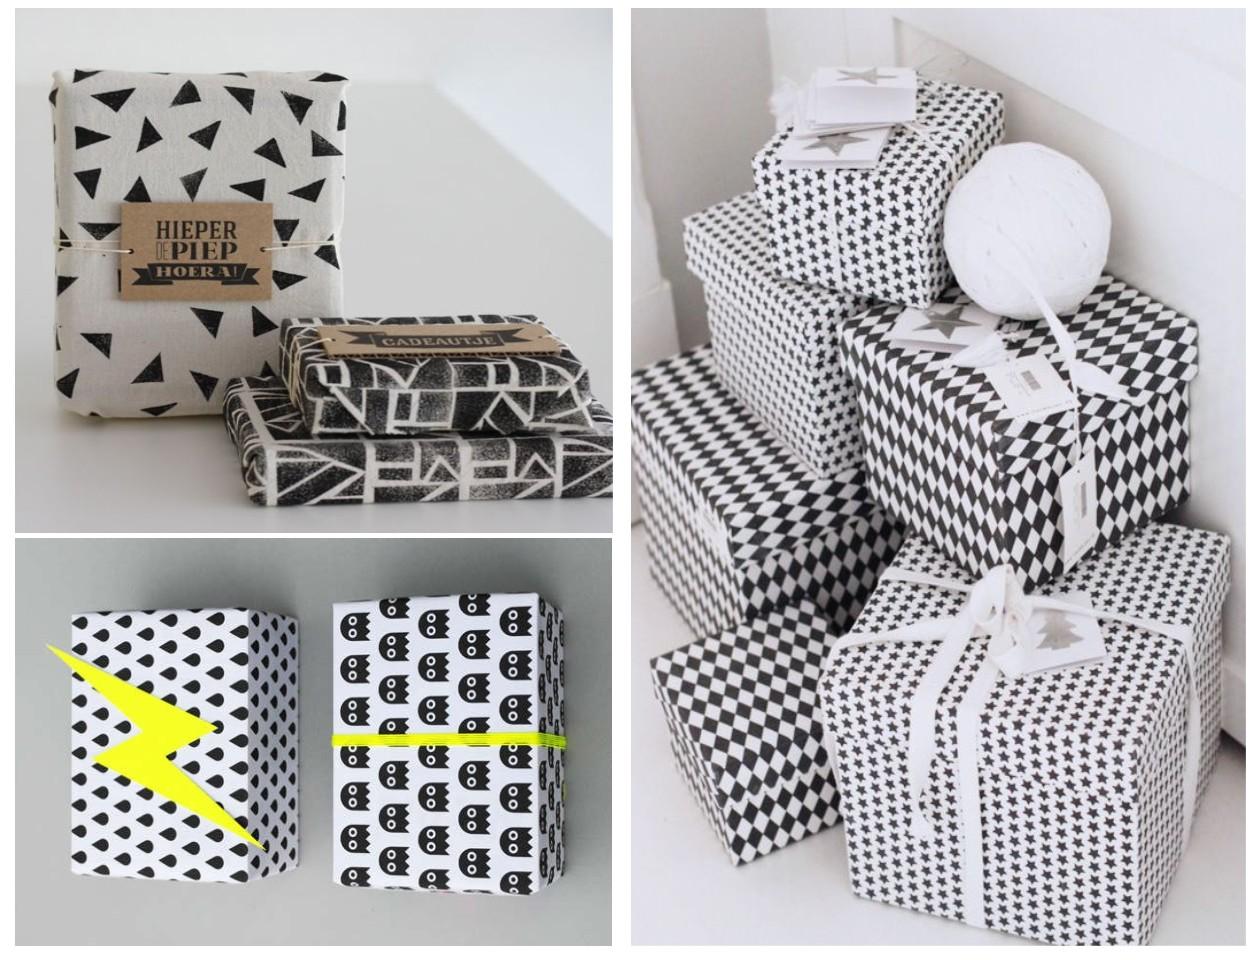 Decoraci n navidad m s ideas para envolver diferente - Decoracion blanco y negro ...